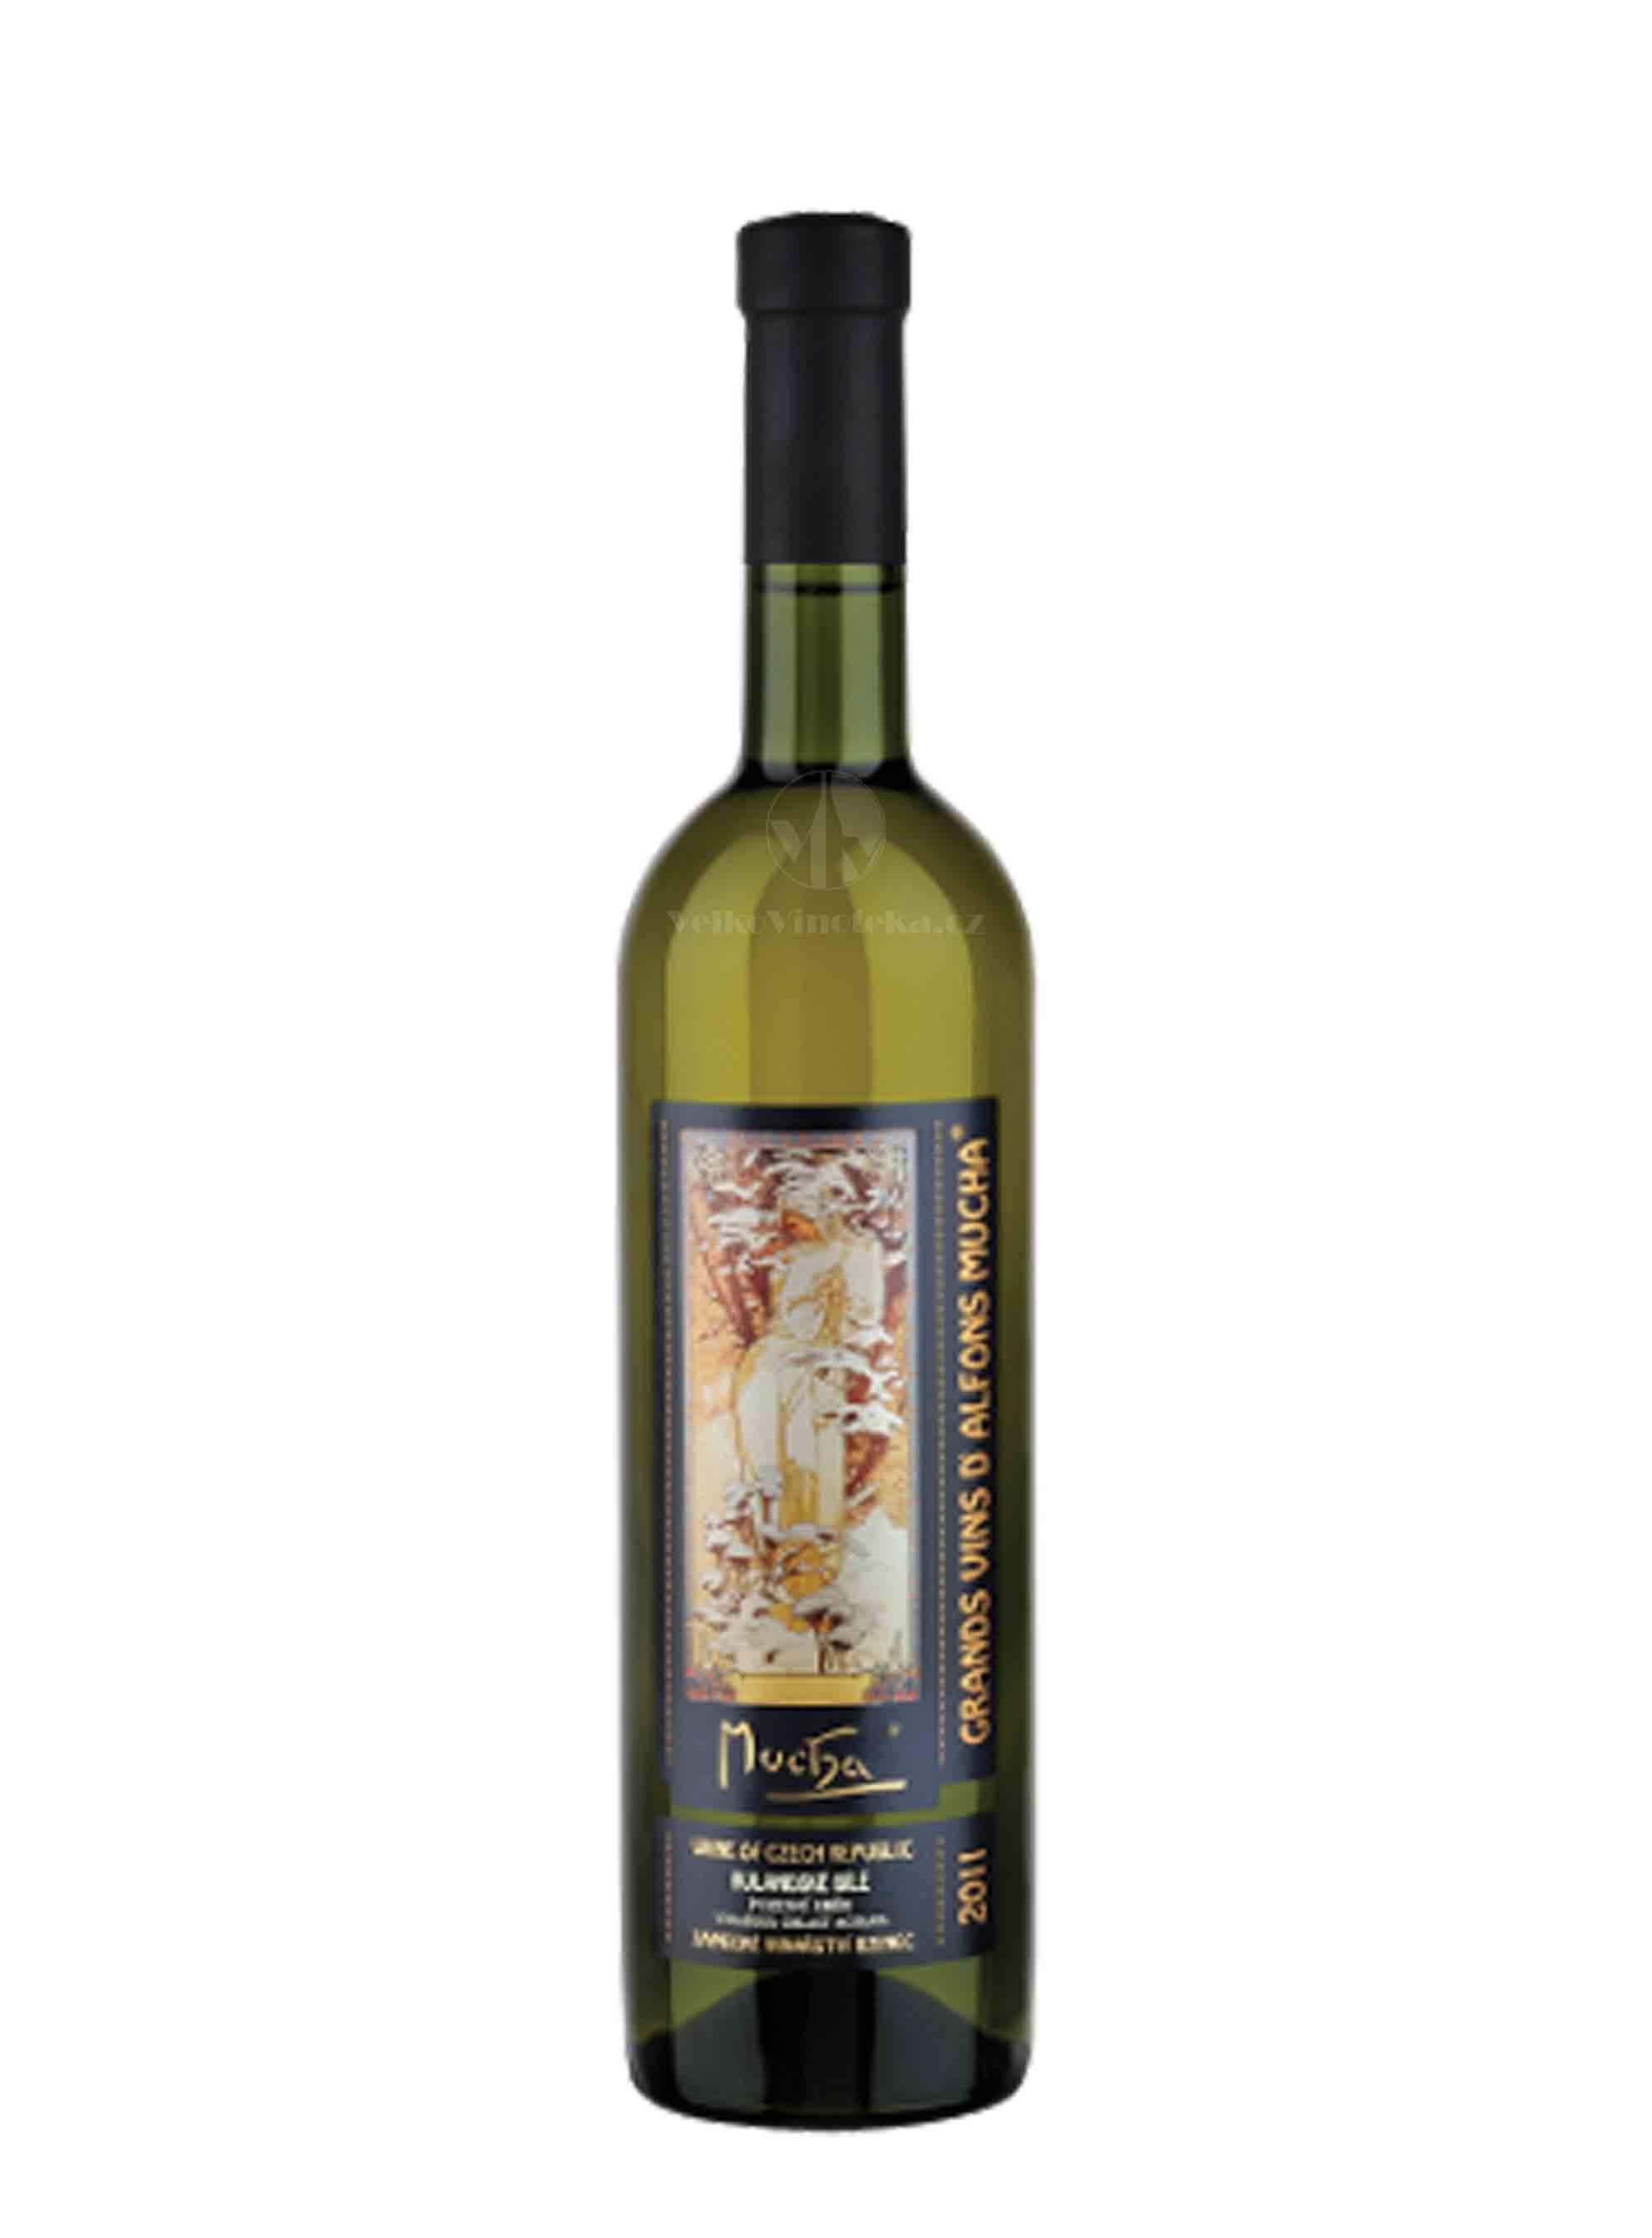 Rulandské bílé, Mucha, Pozdní sběr, 2012, Zámecké vinařství Bzenec, 0.75 l